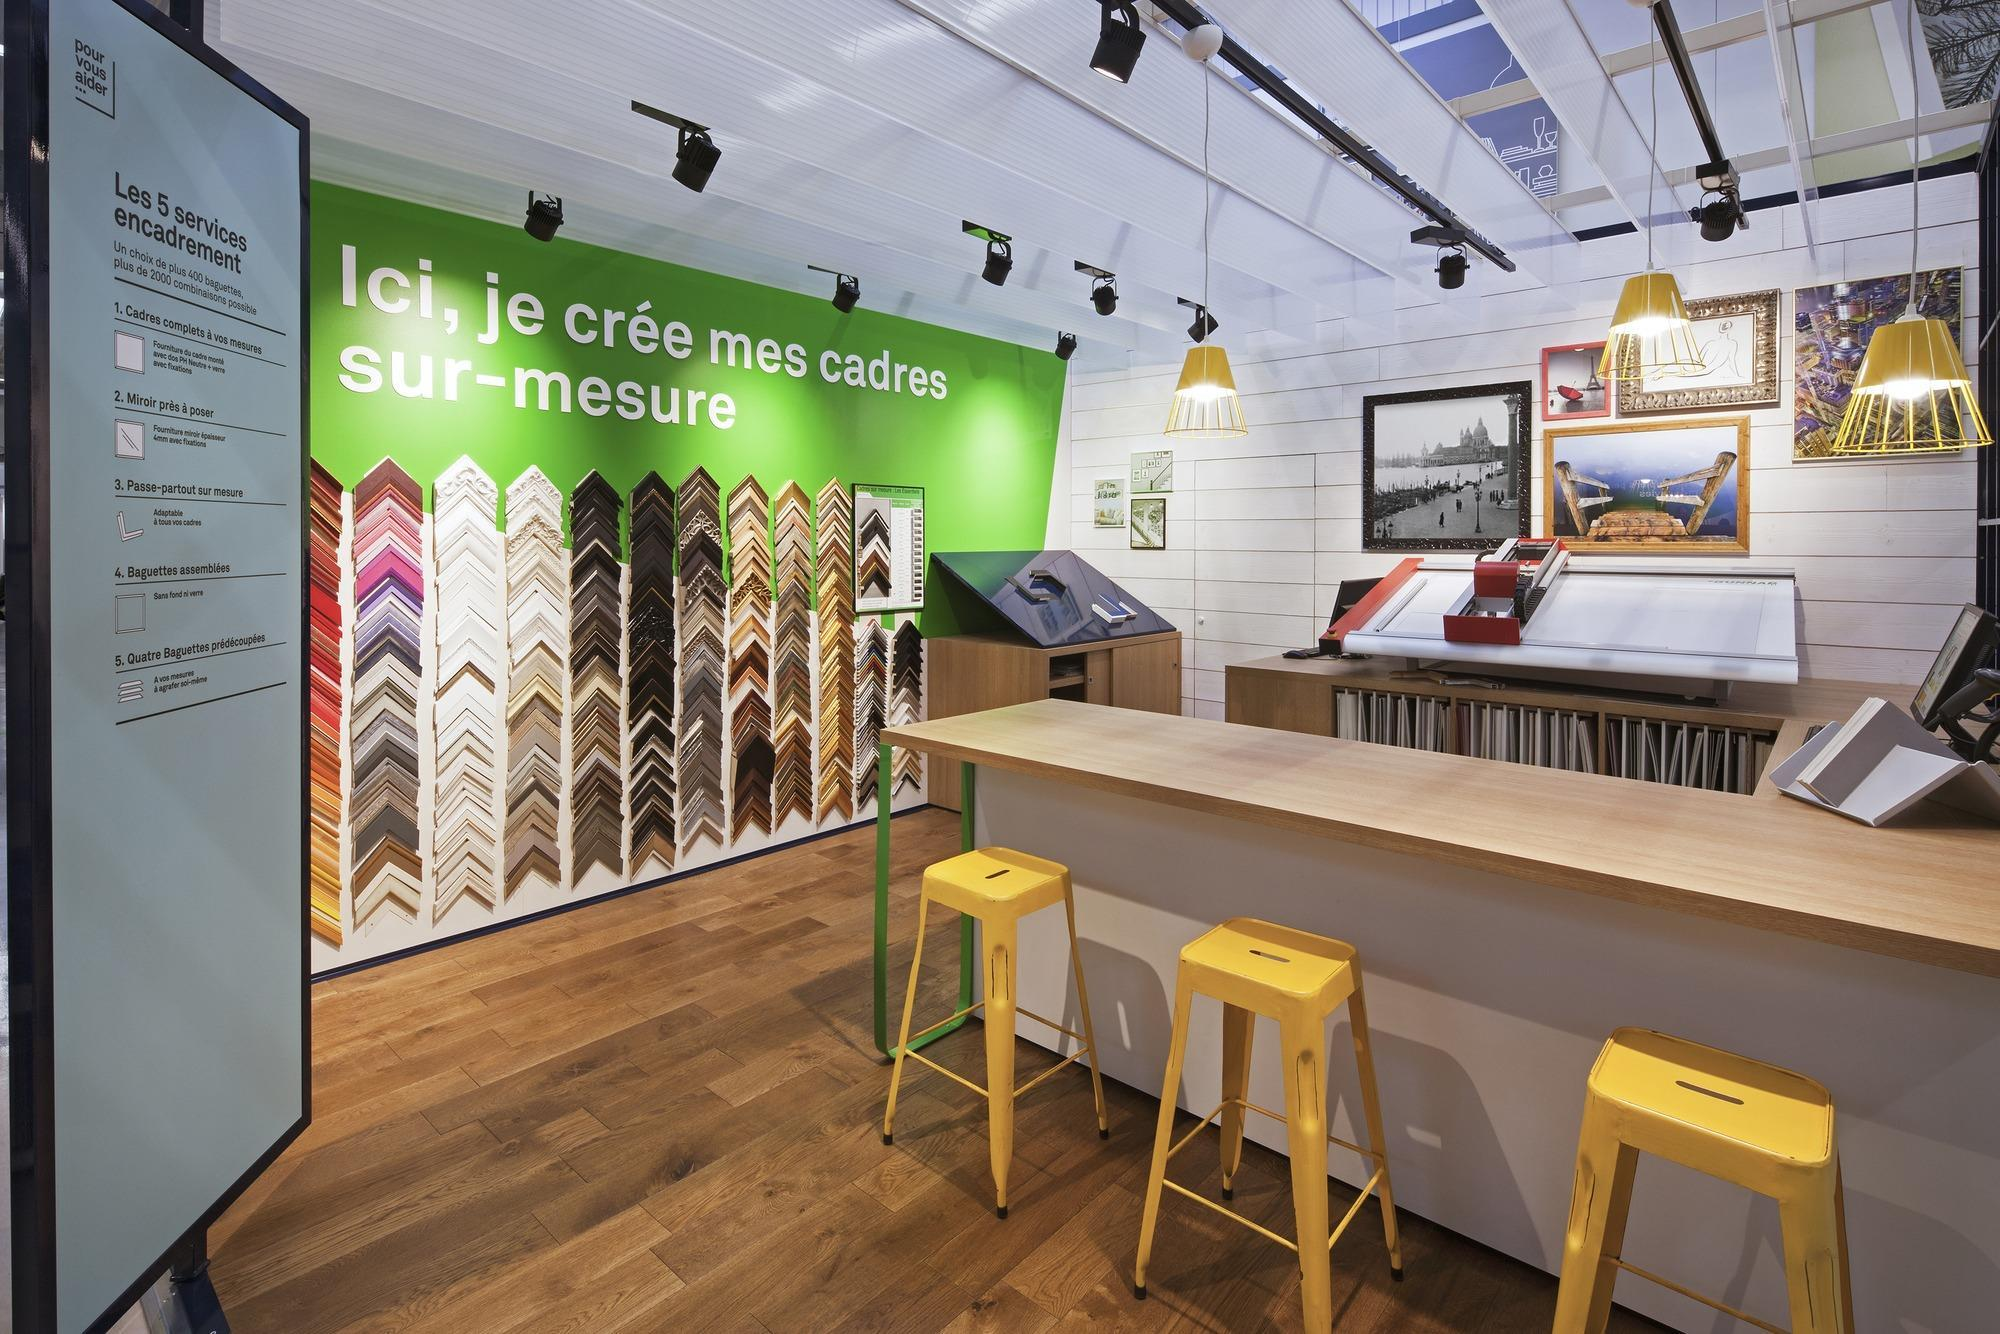 Delightful Ouverture Leroy Merlin Nice #3: Store Of The Week: Leroy Merlin, Le Havre, France   Store Gallery   Retail  Week